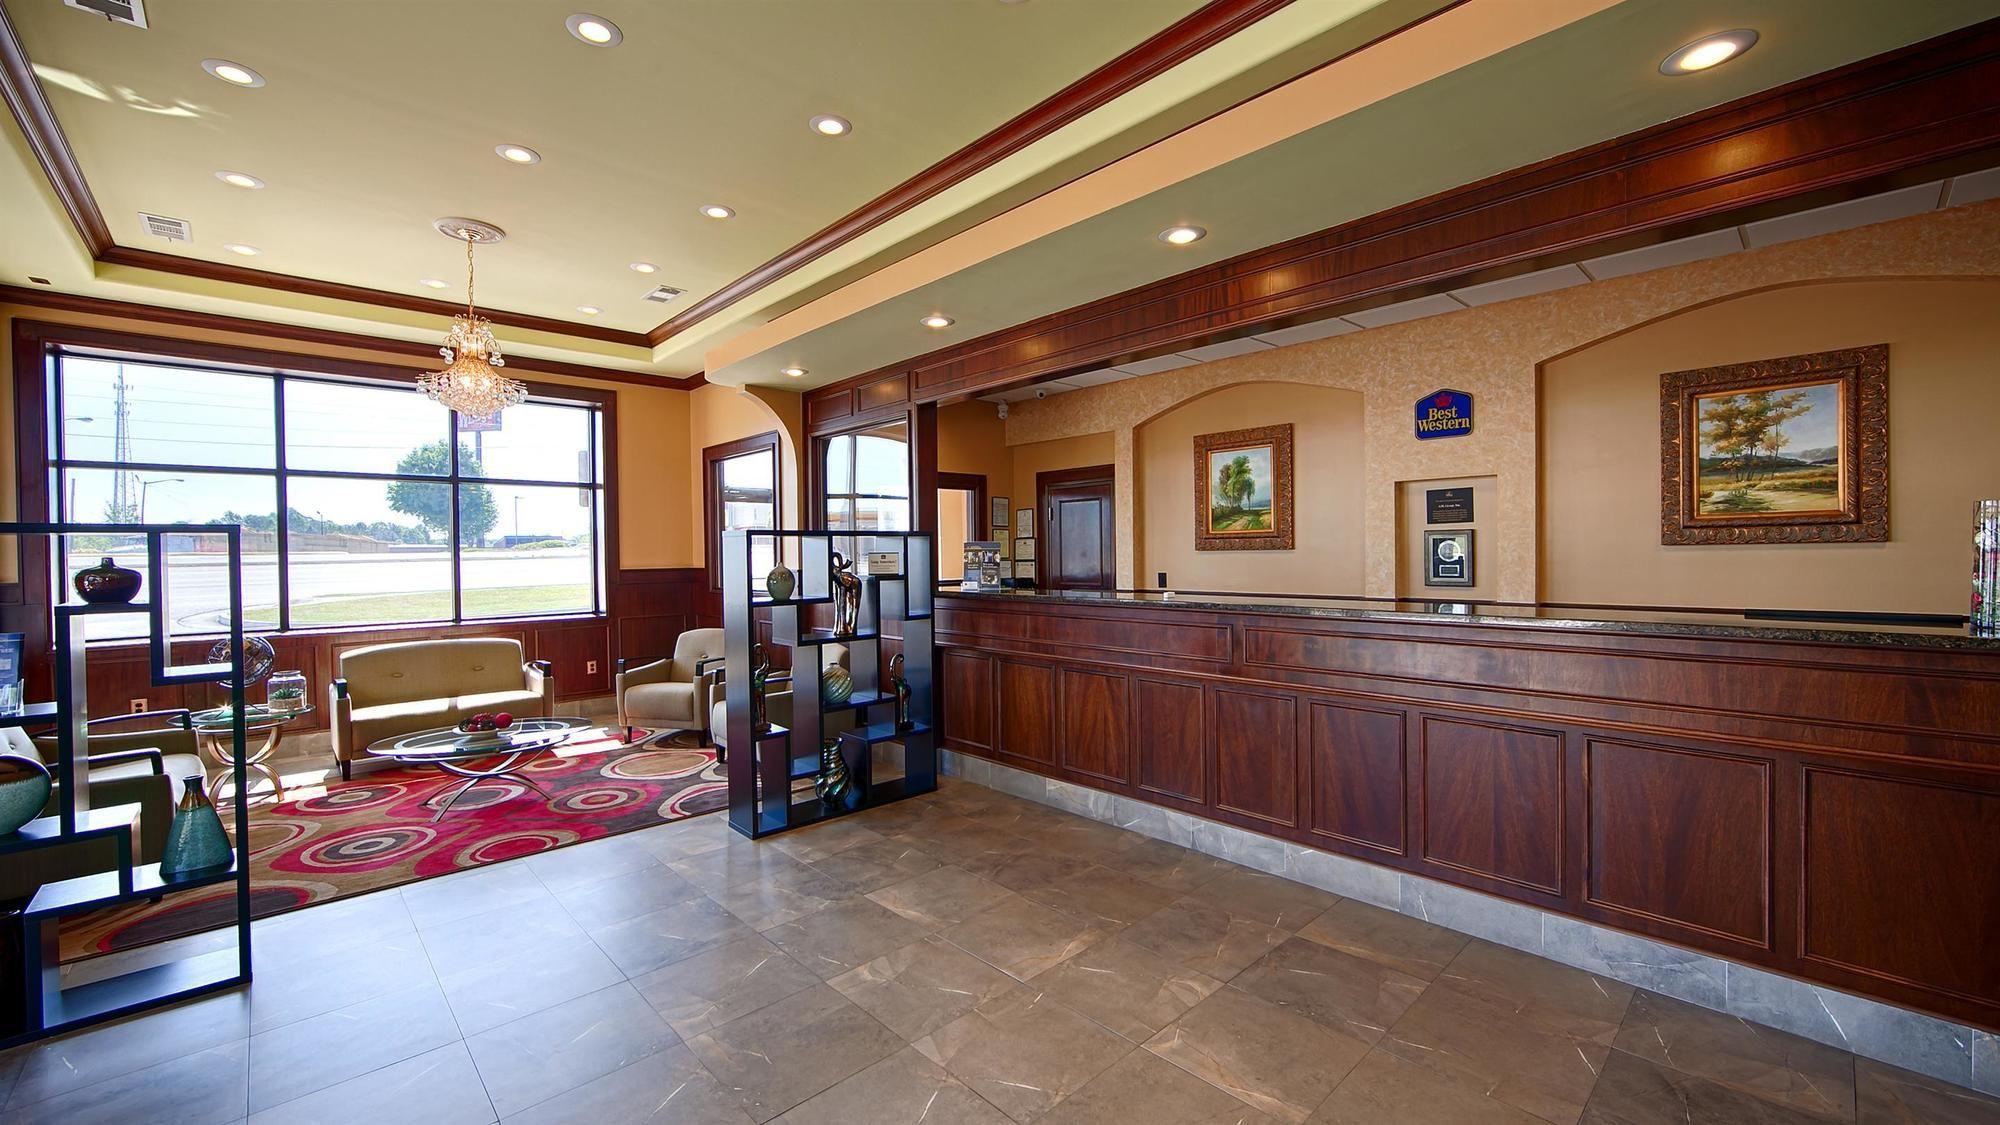 Best Western Acworth Inn in Acworth, GA